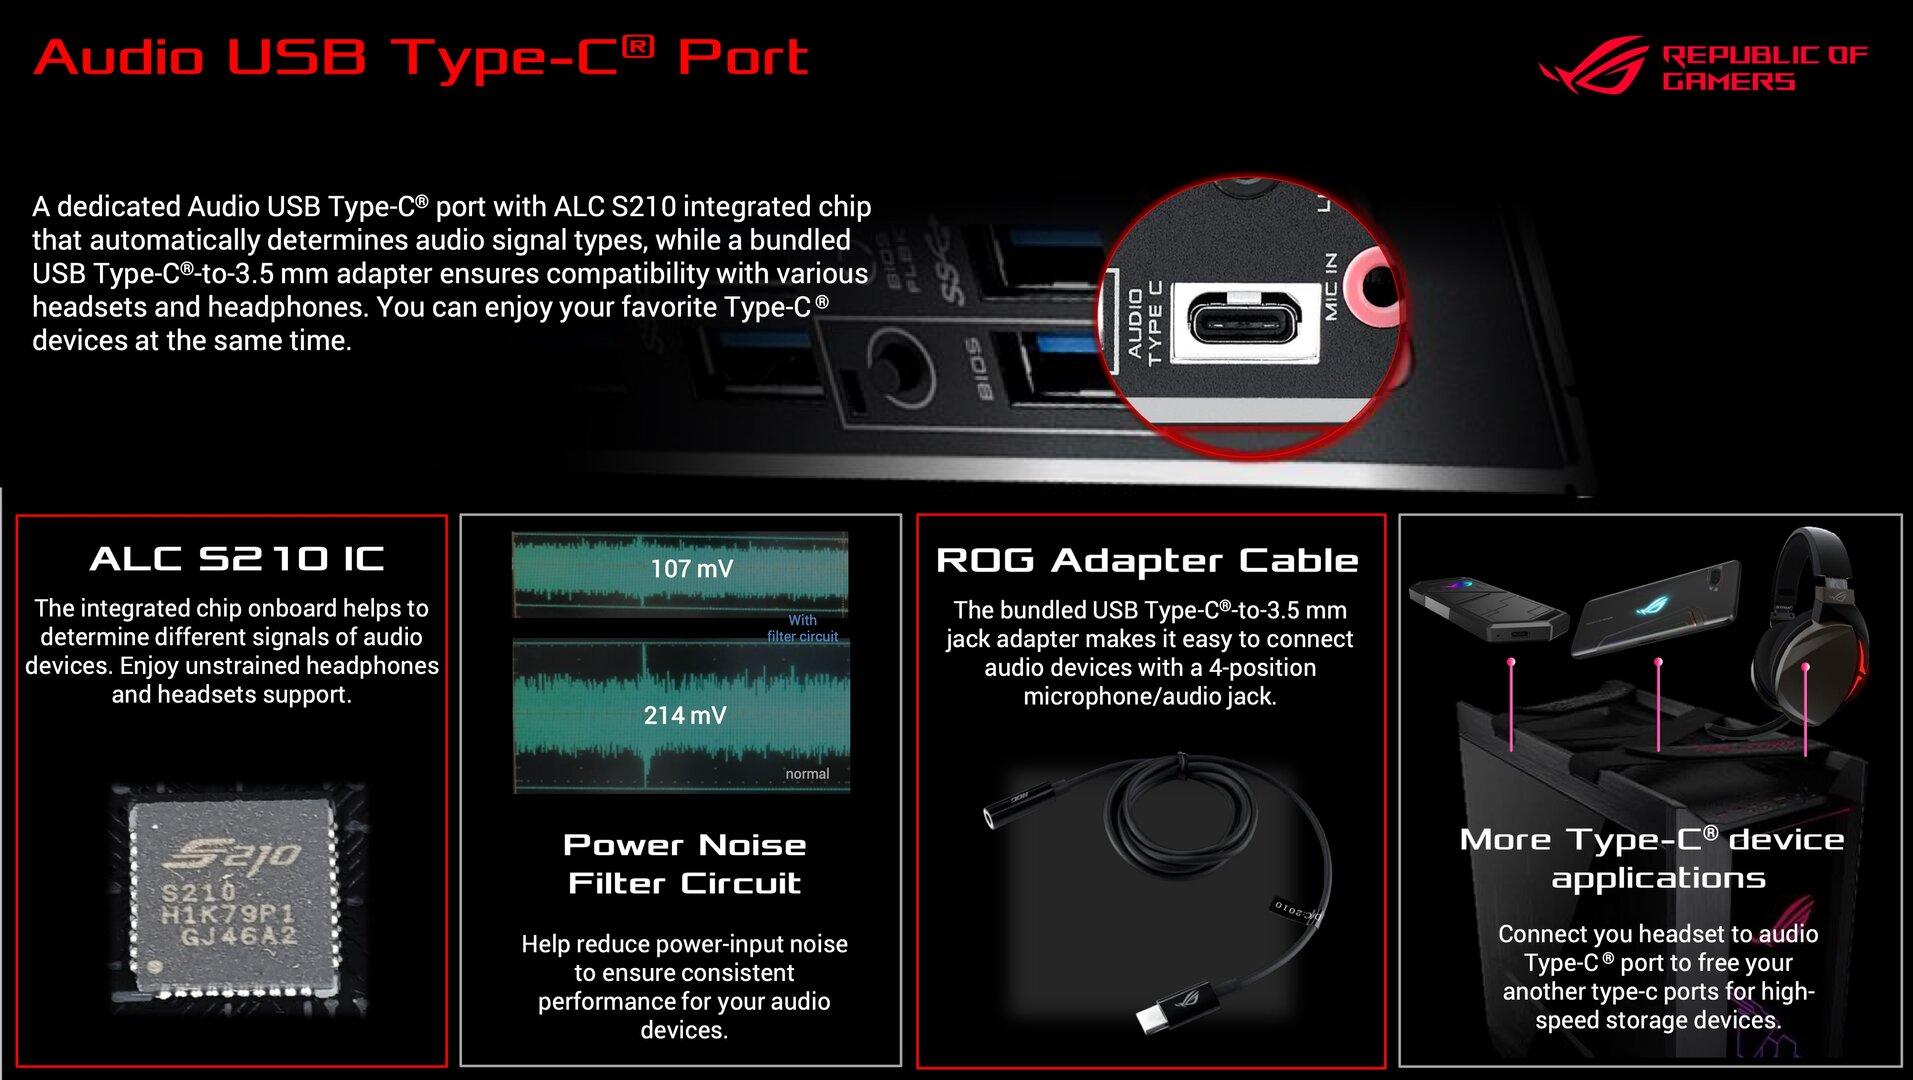 Ein USB-Typ-C-Anschluss speziell für Audio